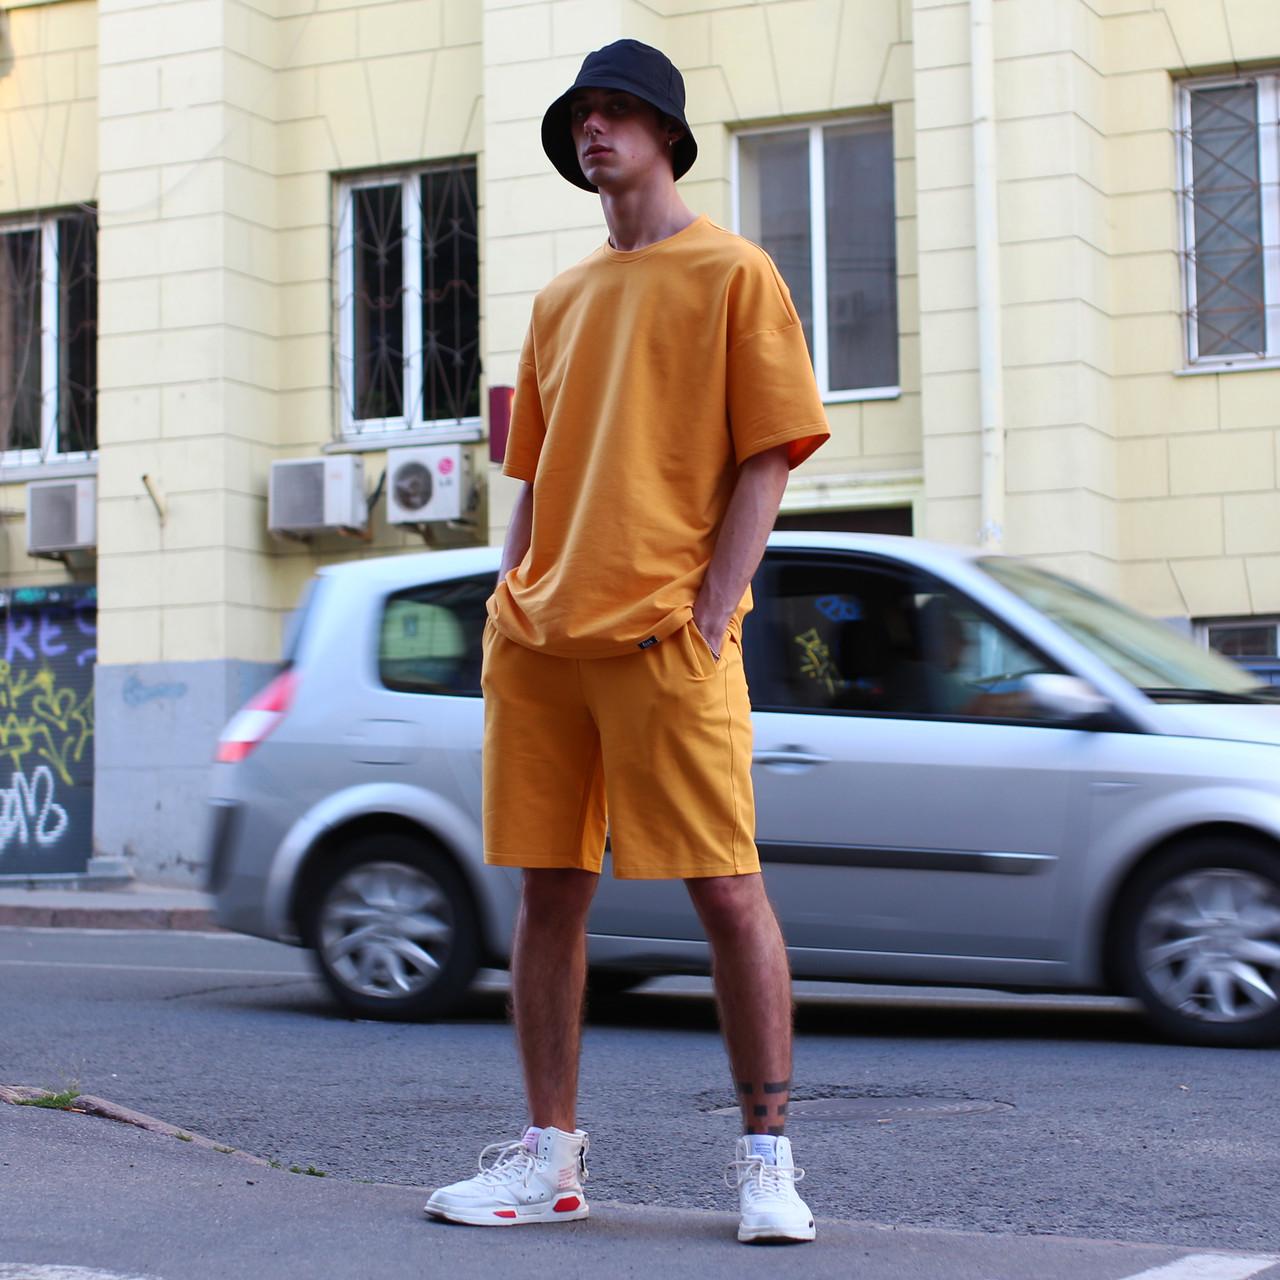 Шорти чоловічі помаранчеві бренд ТУР модель Duncan (Дункан) розмір S, M, L, XL